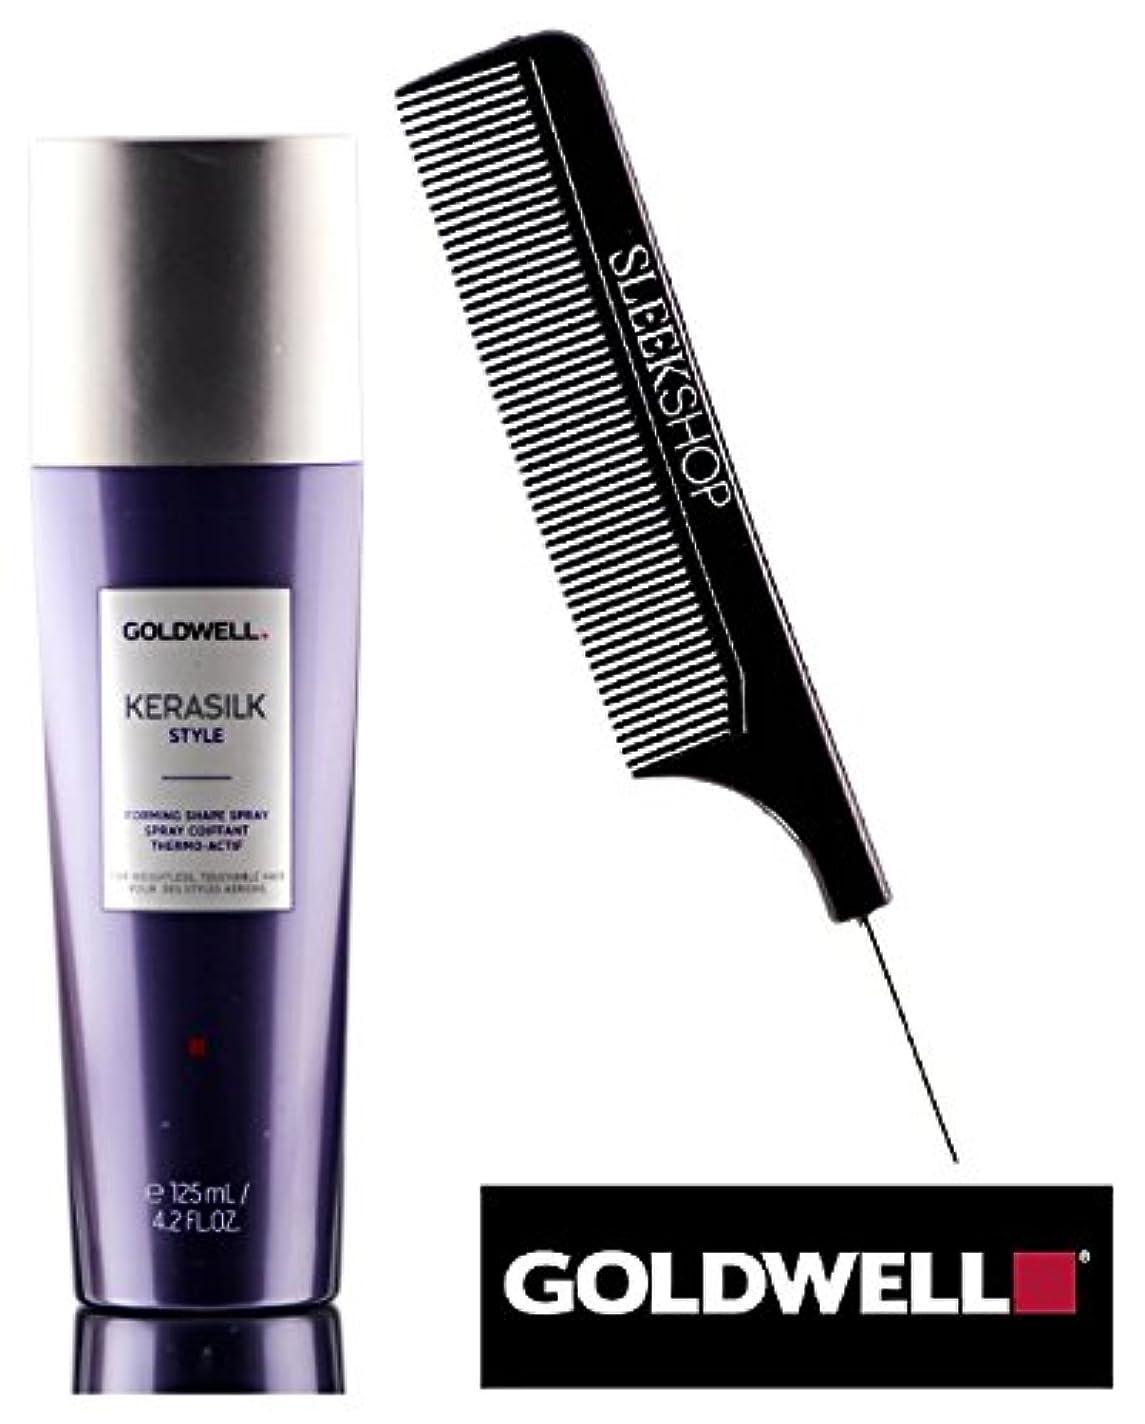 コジオスコ旅客活気づくKerasilk Style by Goldwell 無重力のための(なめらかなスチールピンテールコーム付き)形状にスプレーを形成するGoldwell KERASILK STYLE、触れることができるヘアー 4.2オンス/ 125ミリリットル